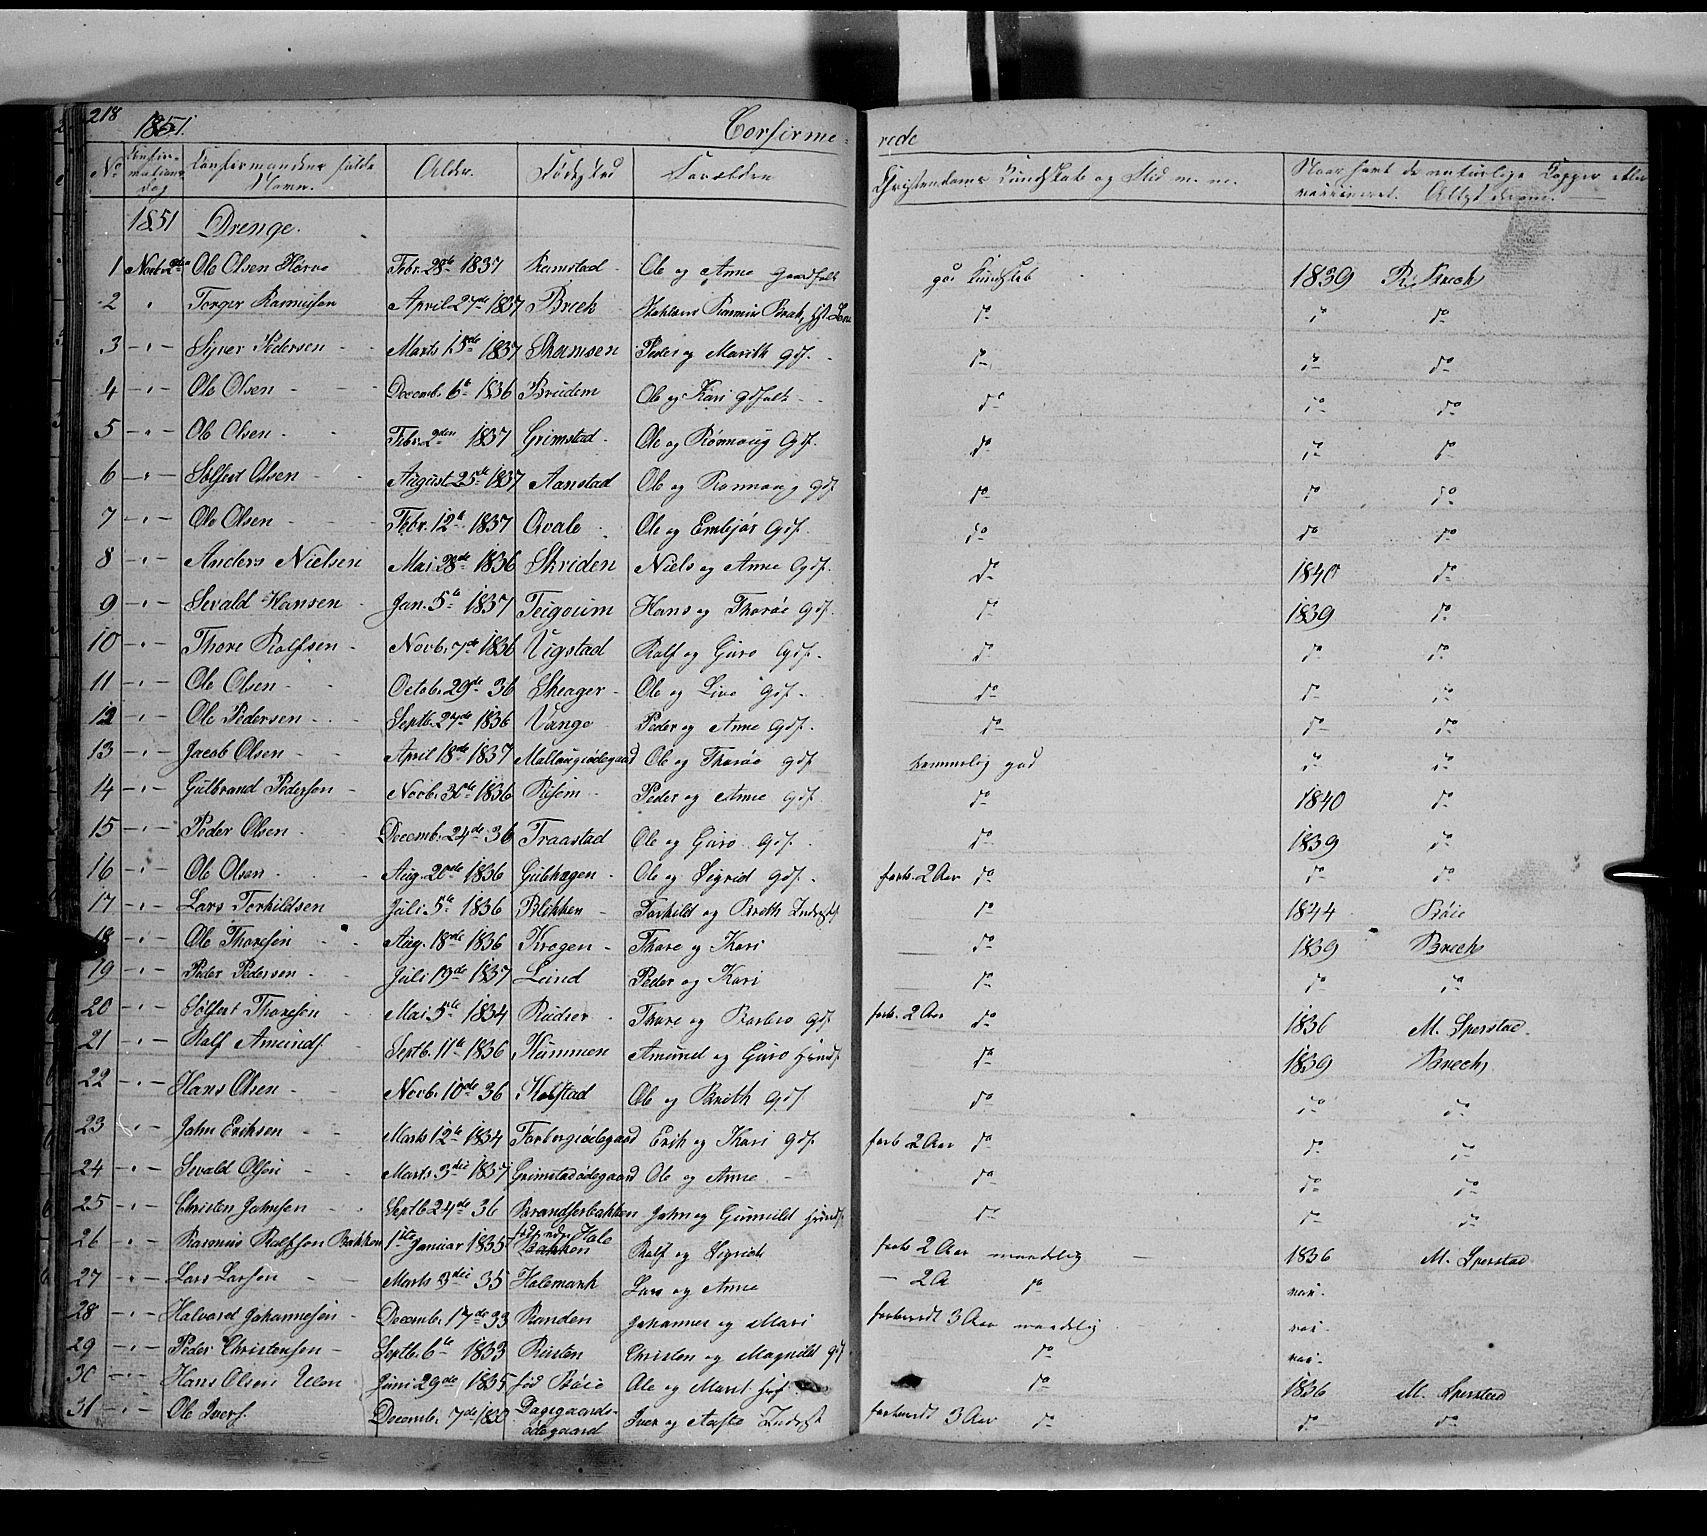 SAH, Lom prestekontor, L/L0004: Klokkerbok nr. 4, 1845-1864, s. 218-219